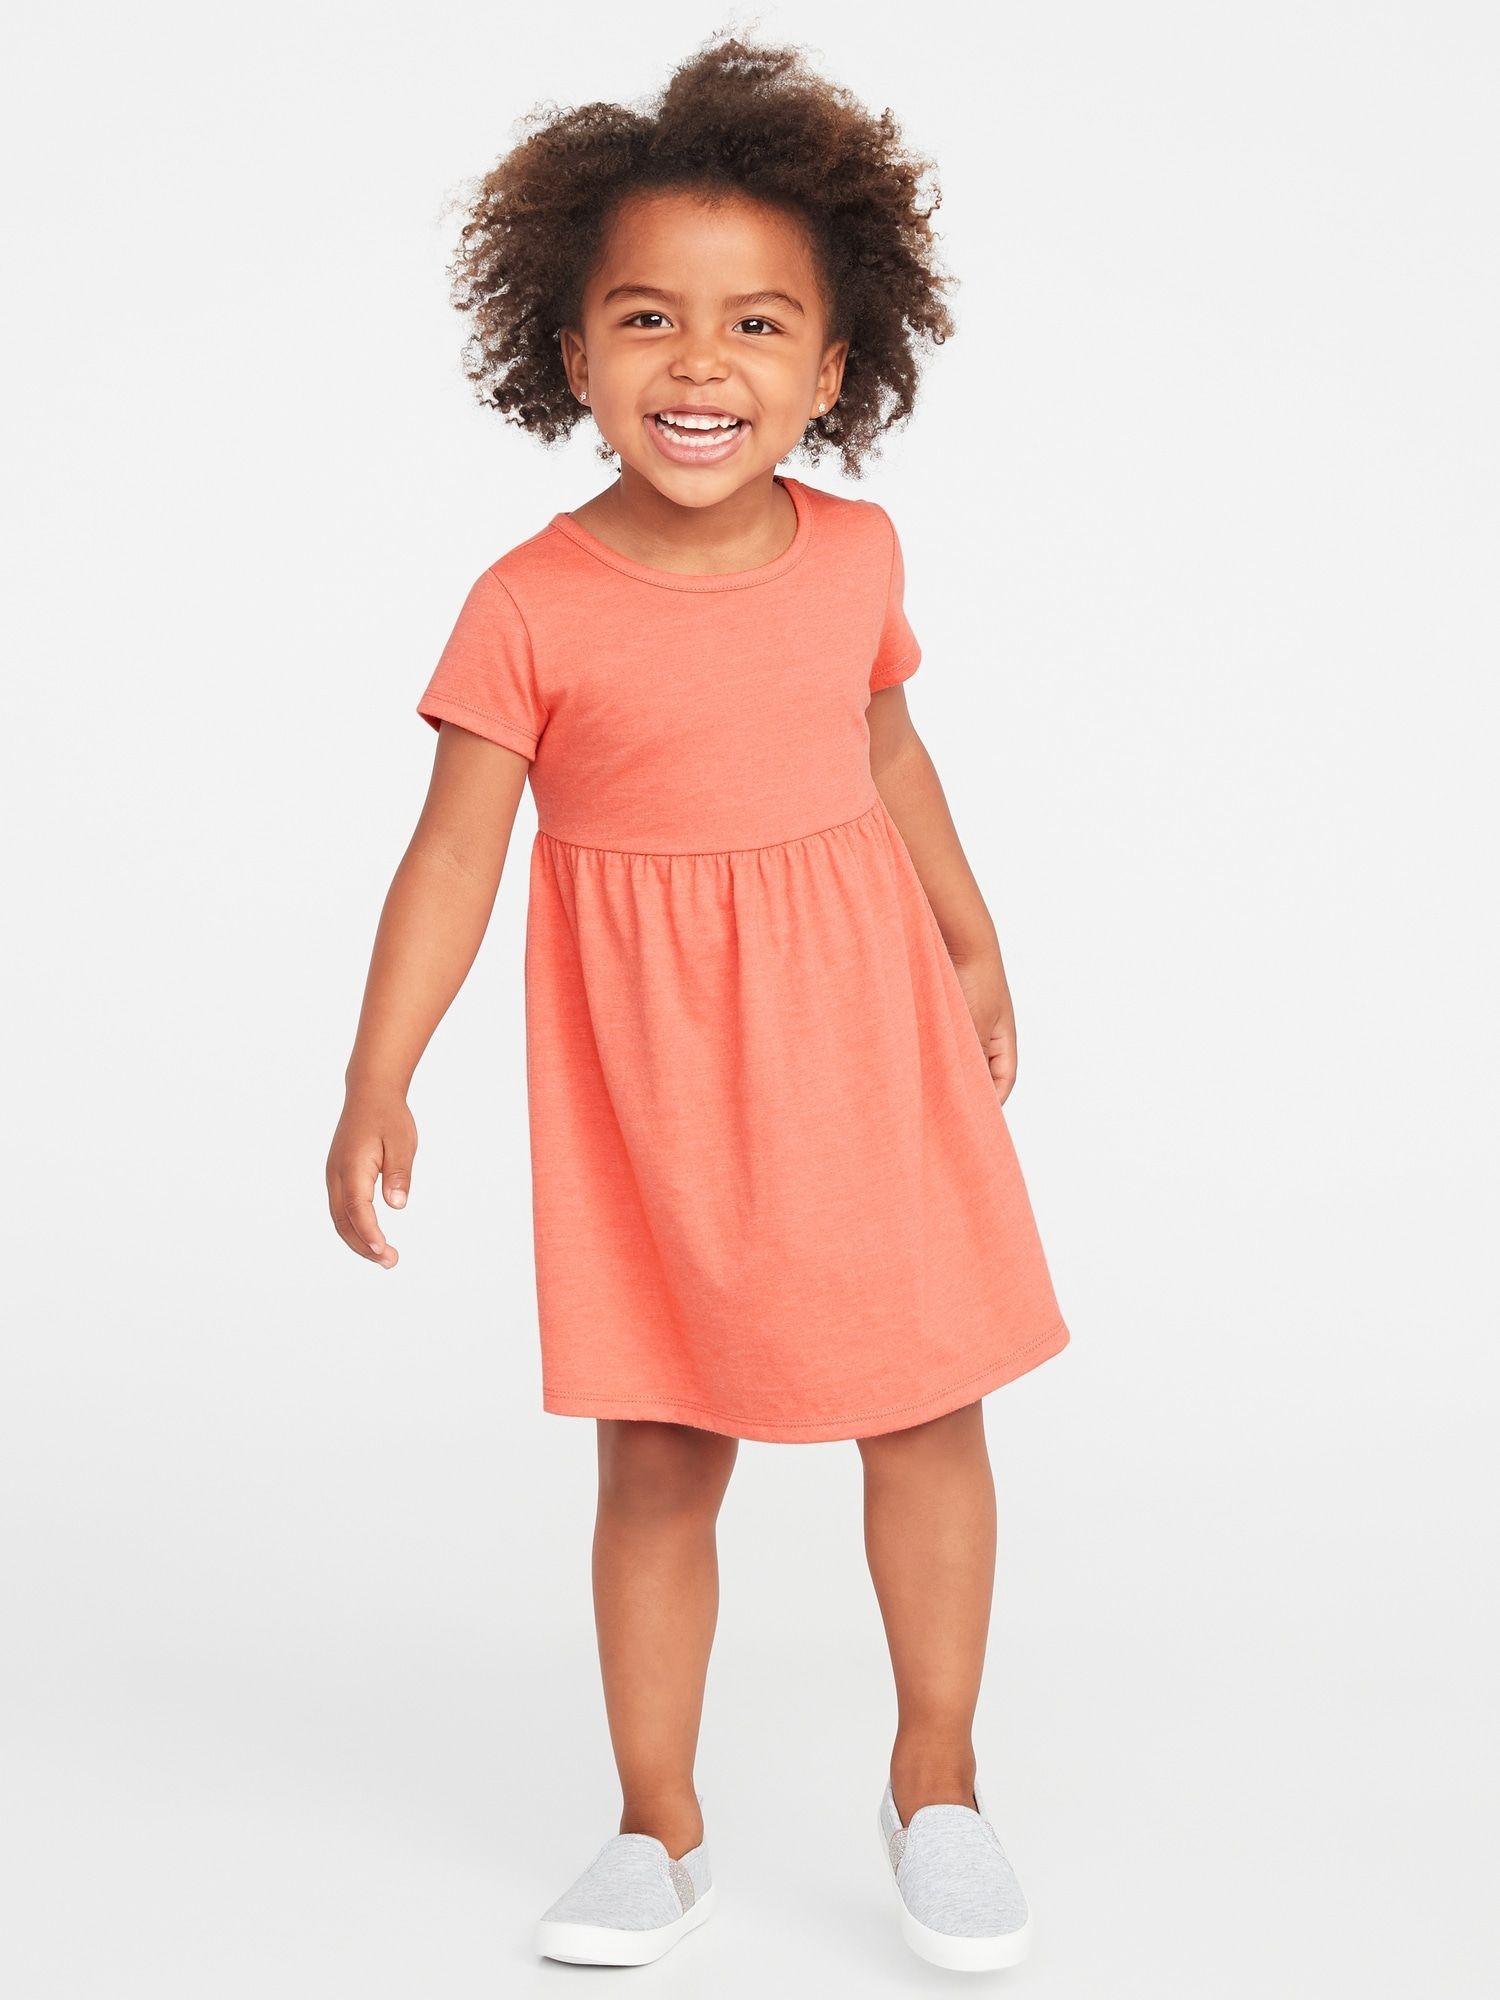 c8c9af180fa50 product Toddler Girls, Toddler Girl Dresses, Flower Girl Dresses, Little  Girl Dresses,